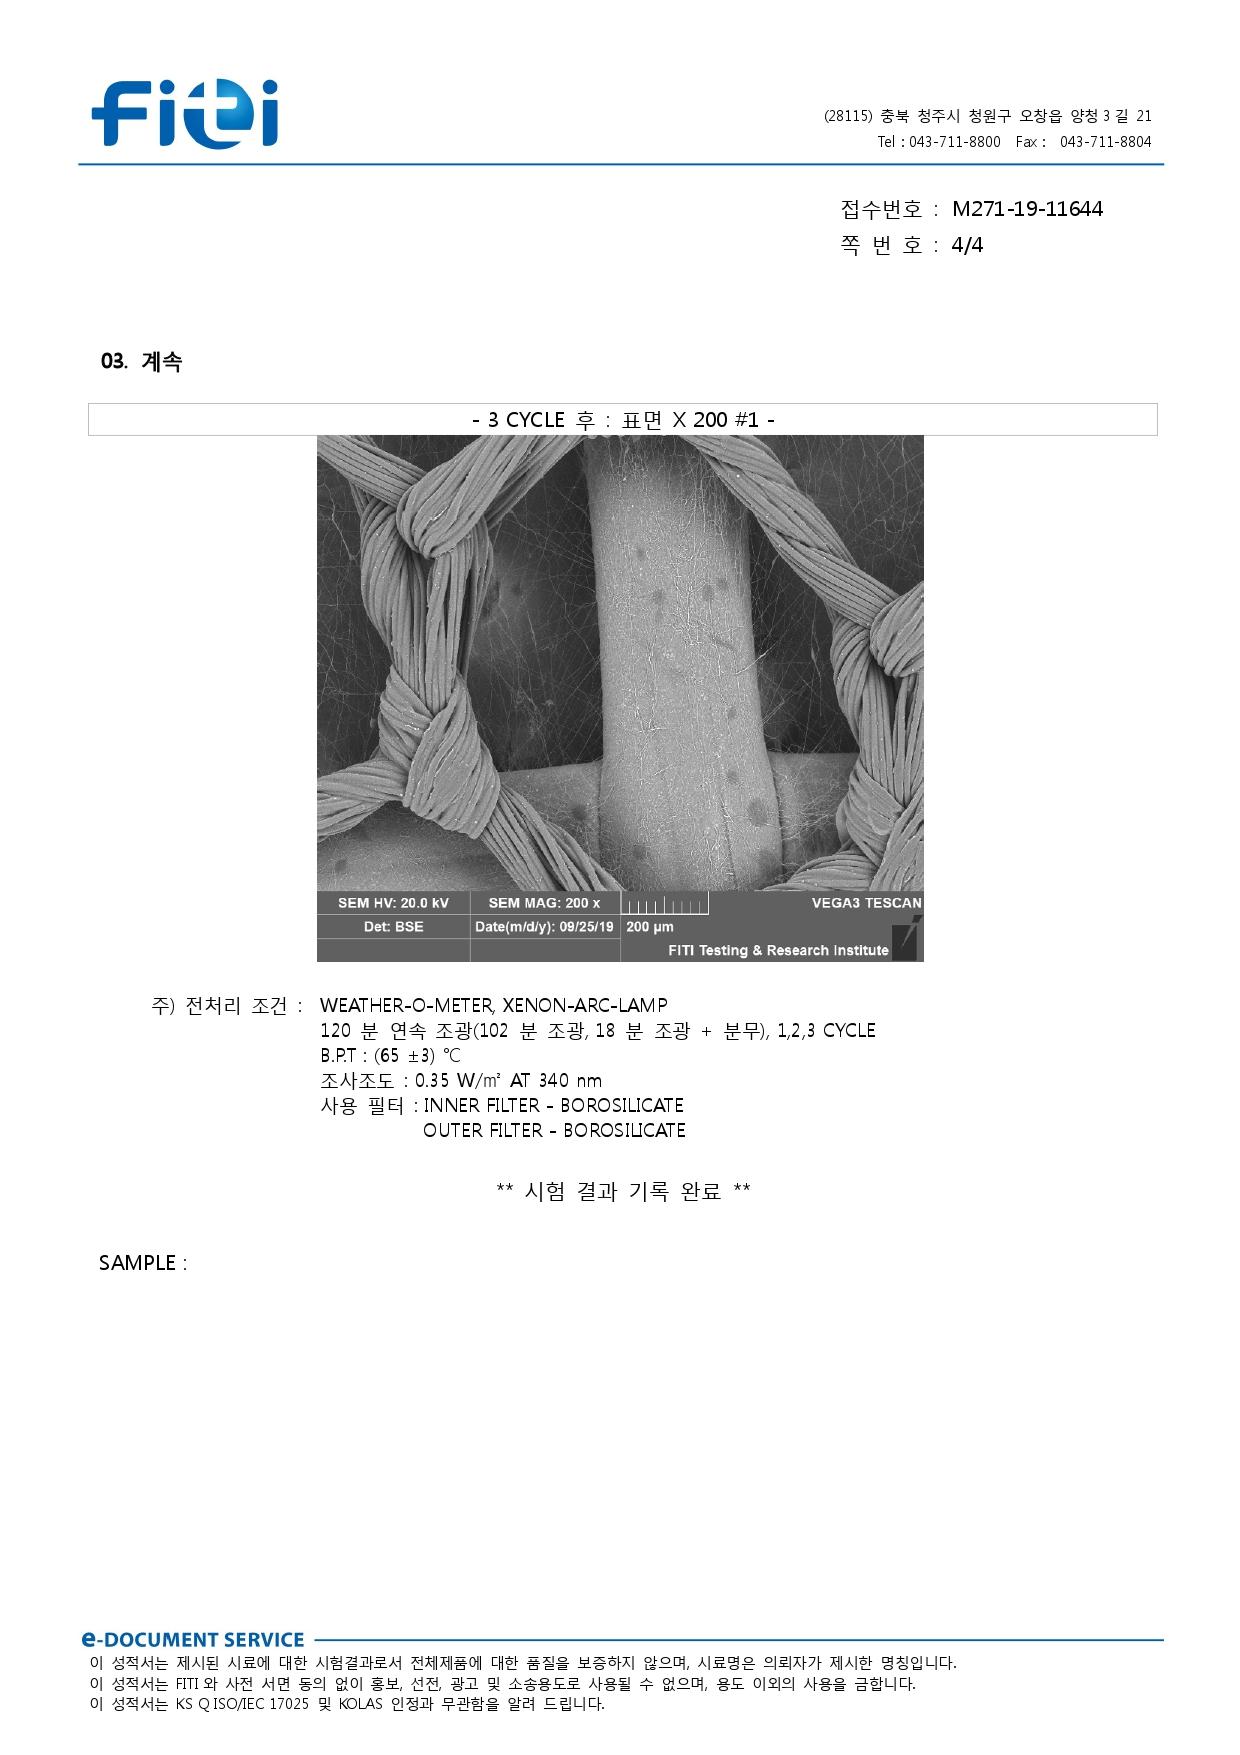 [티엔] 조달청 MAS용 성적서 (4)